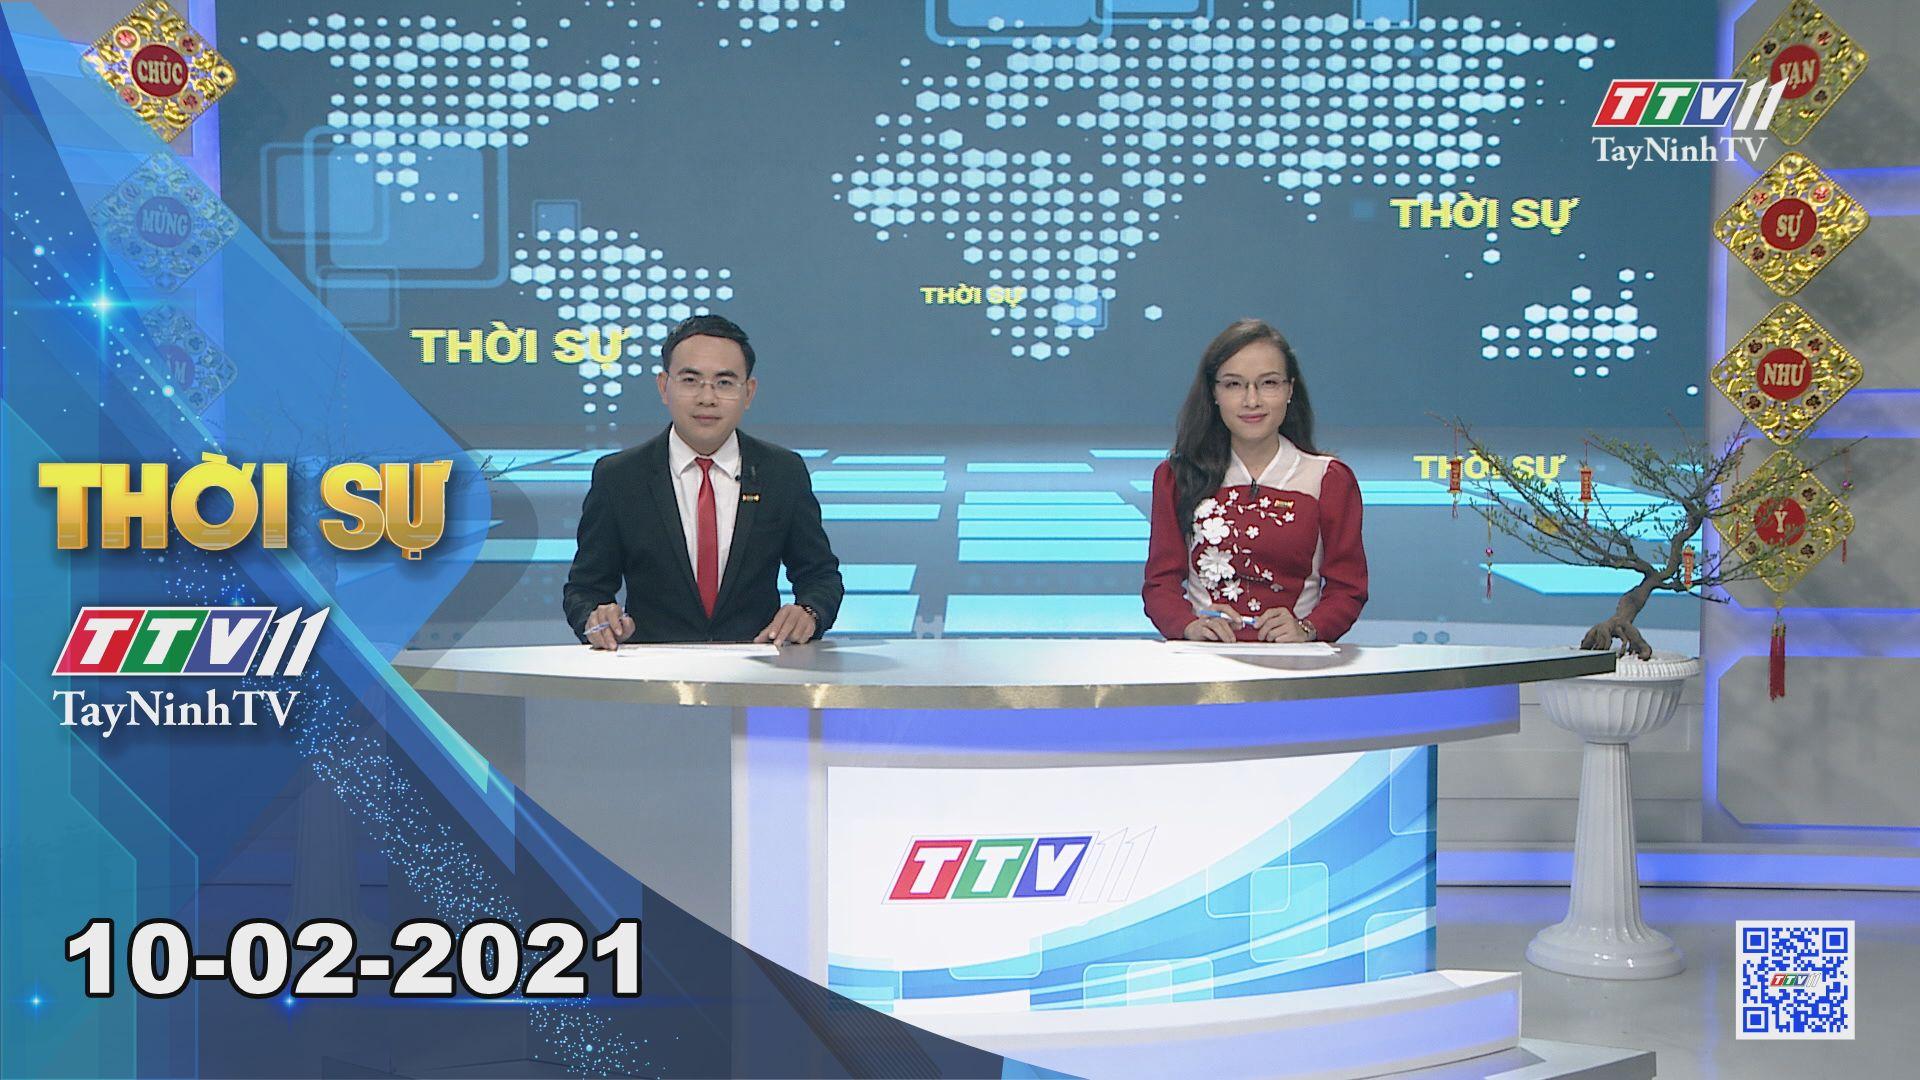 Thời sự Tây Ninh 10-02-2021   Tin tức hôm nay   TayNinhTV